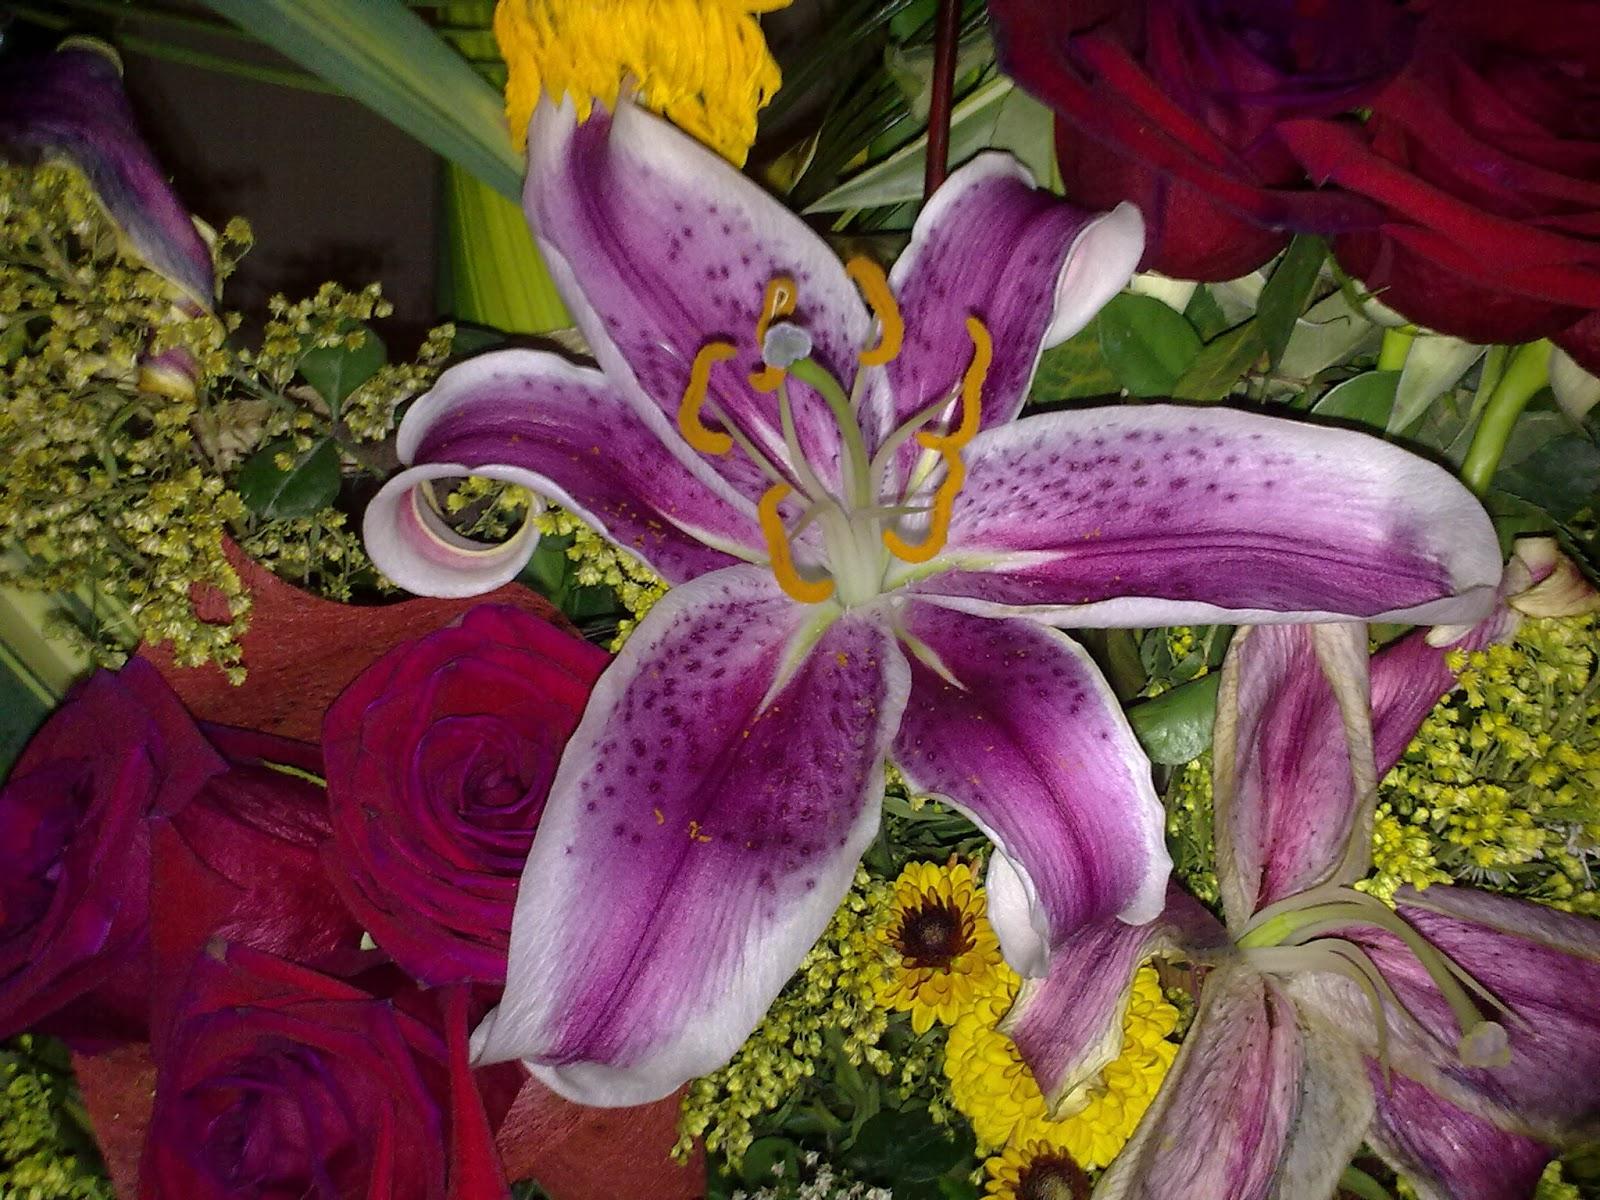 Fotos de plantas comunes en ecuador flores sin nombre for Plantas ornamentales del ecuador